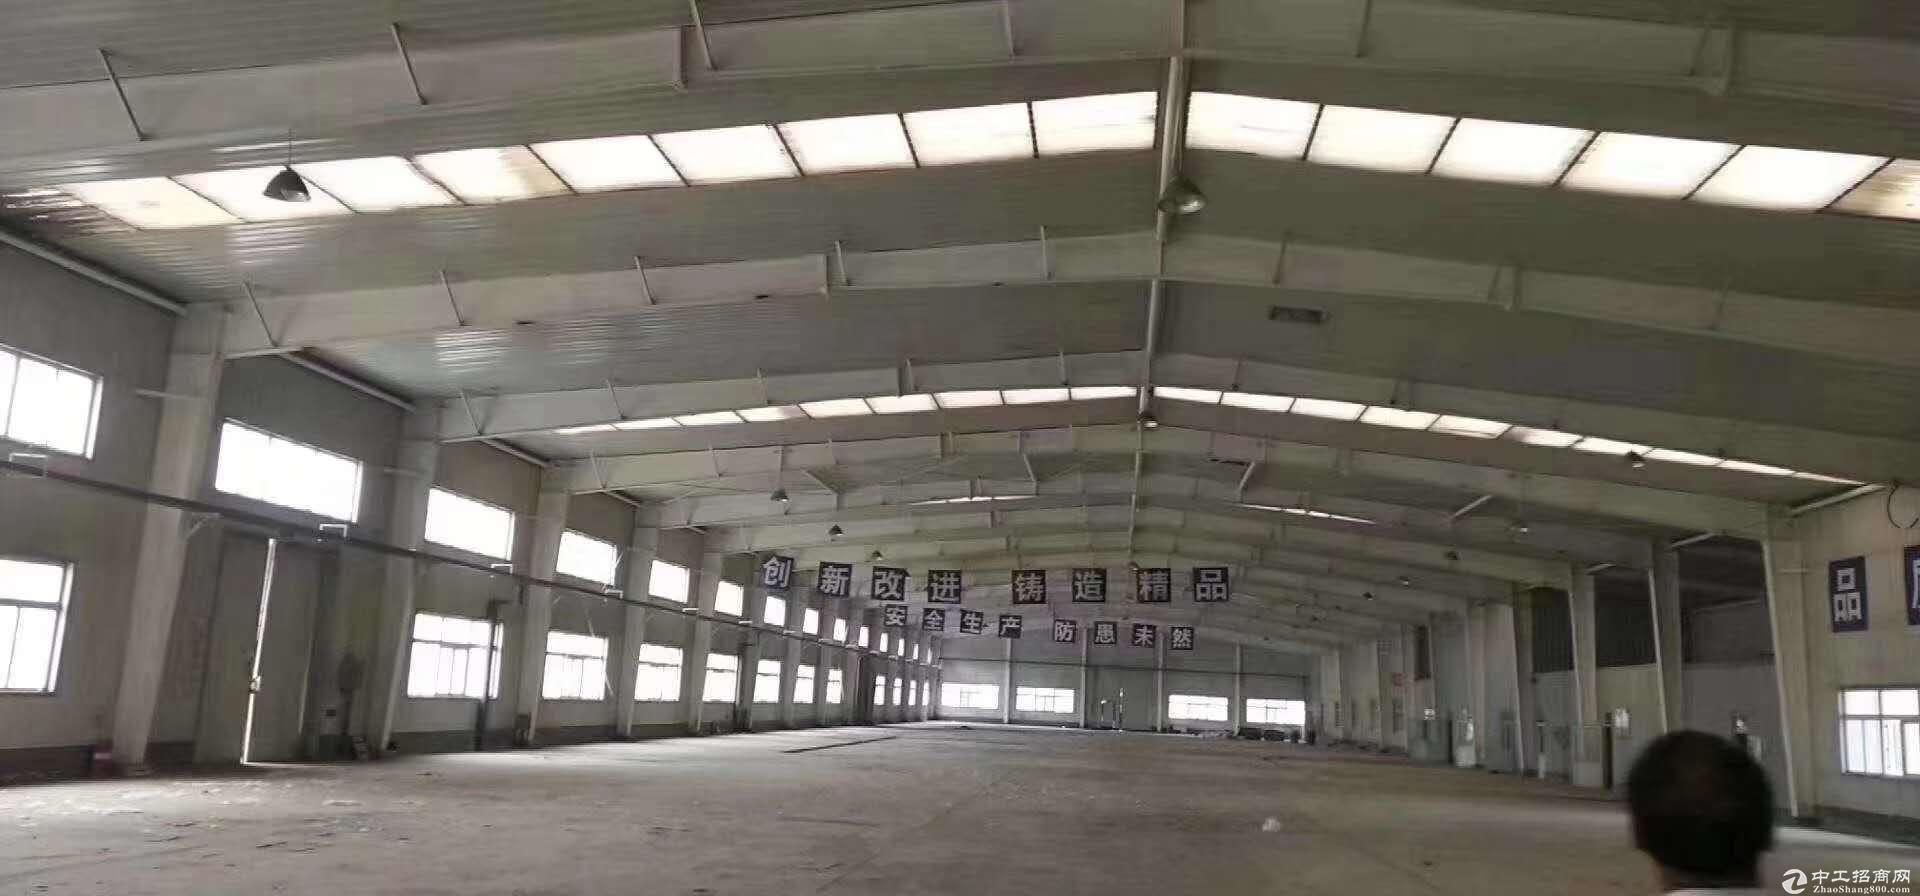 马驹桥生产厂房轻钢厂房出租可环评